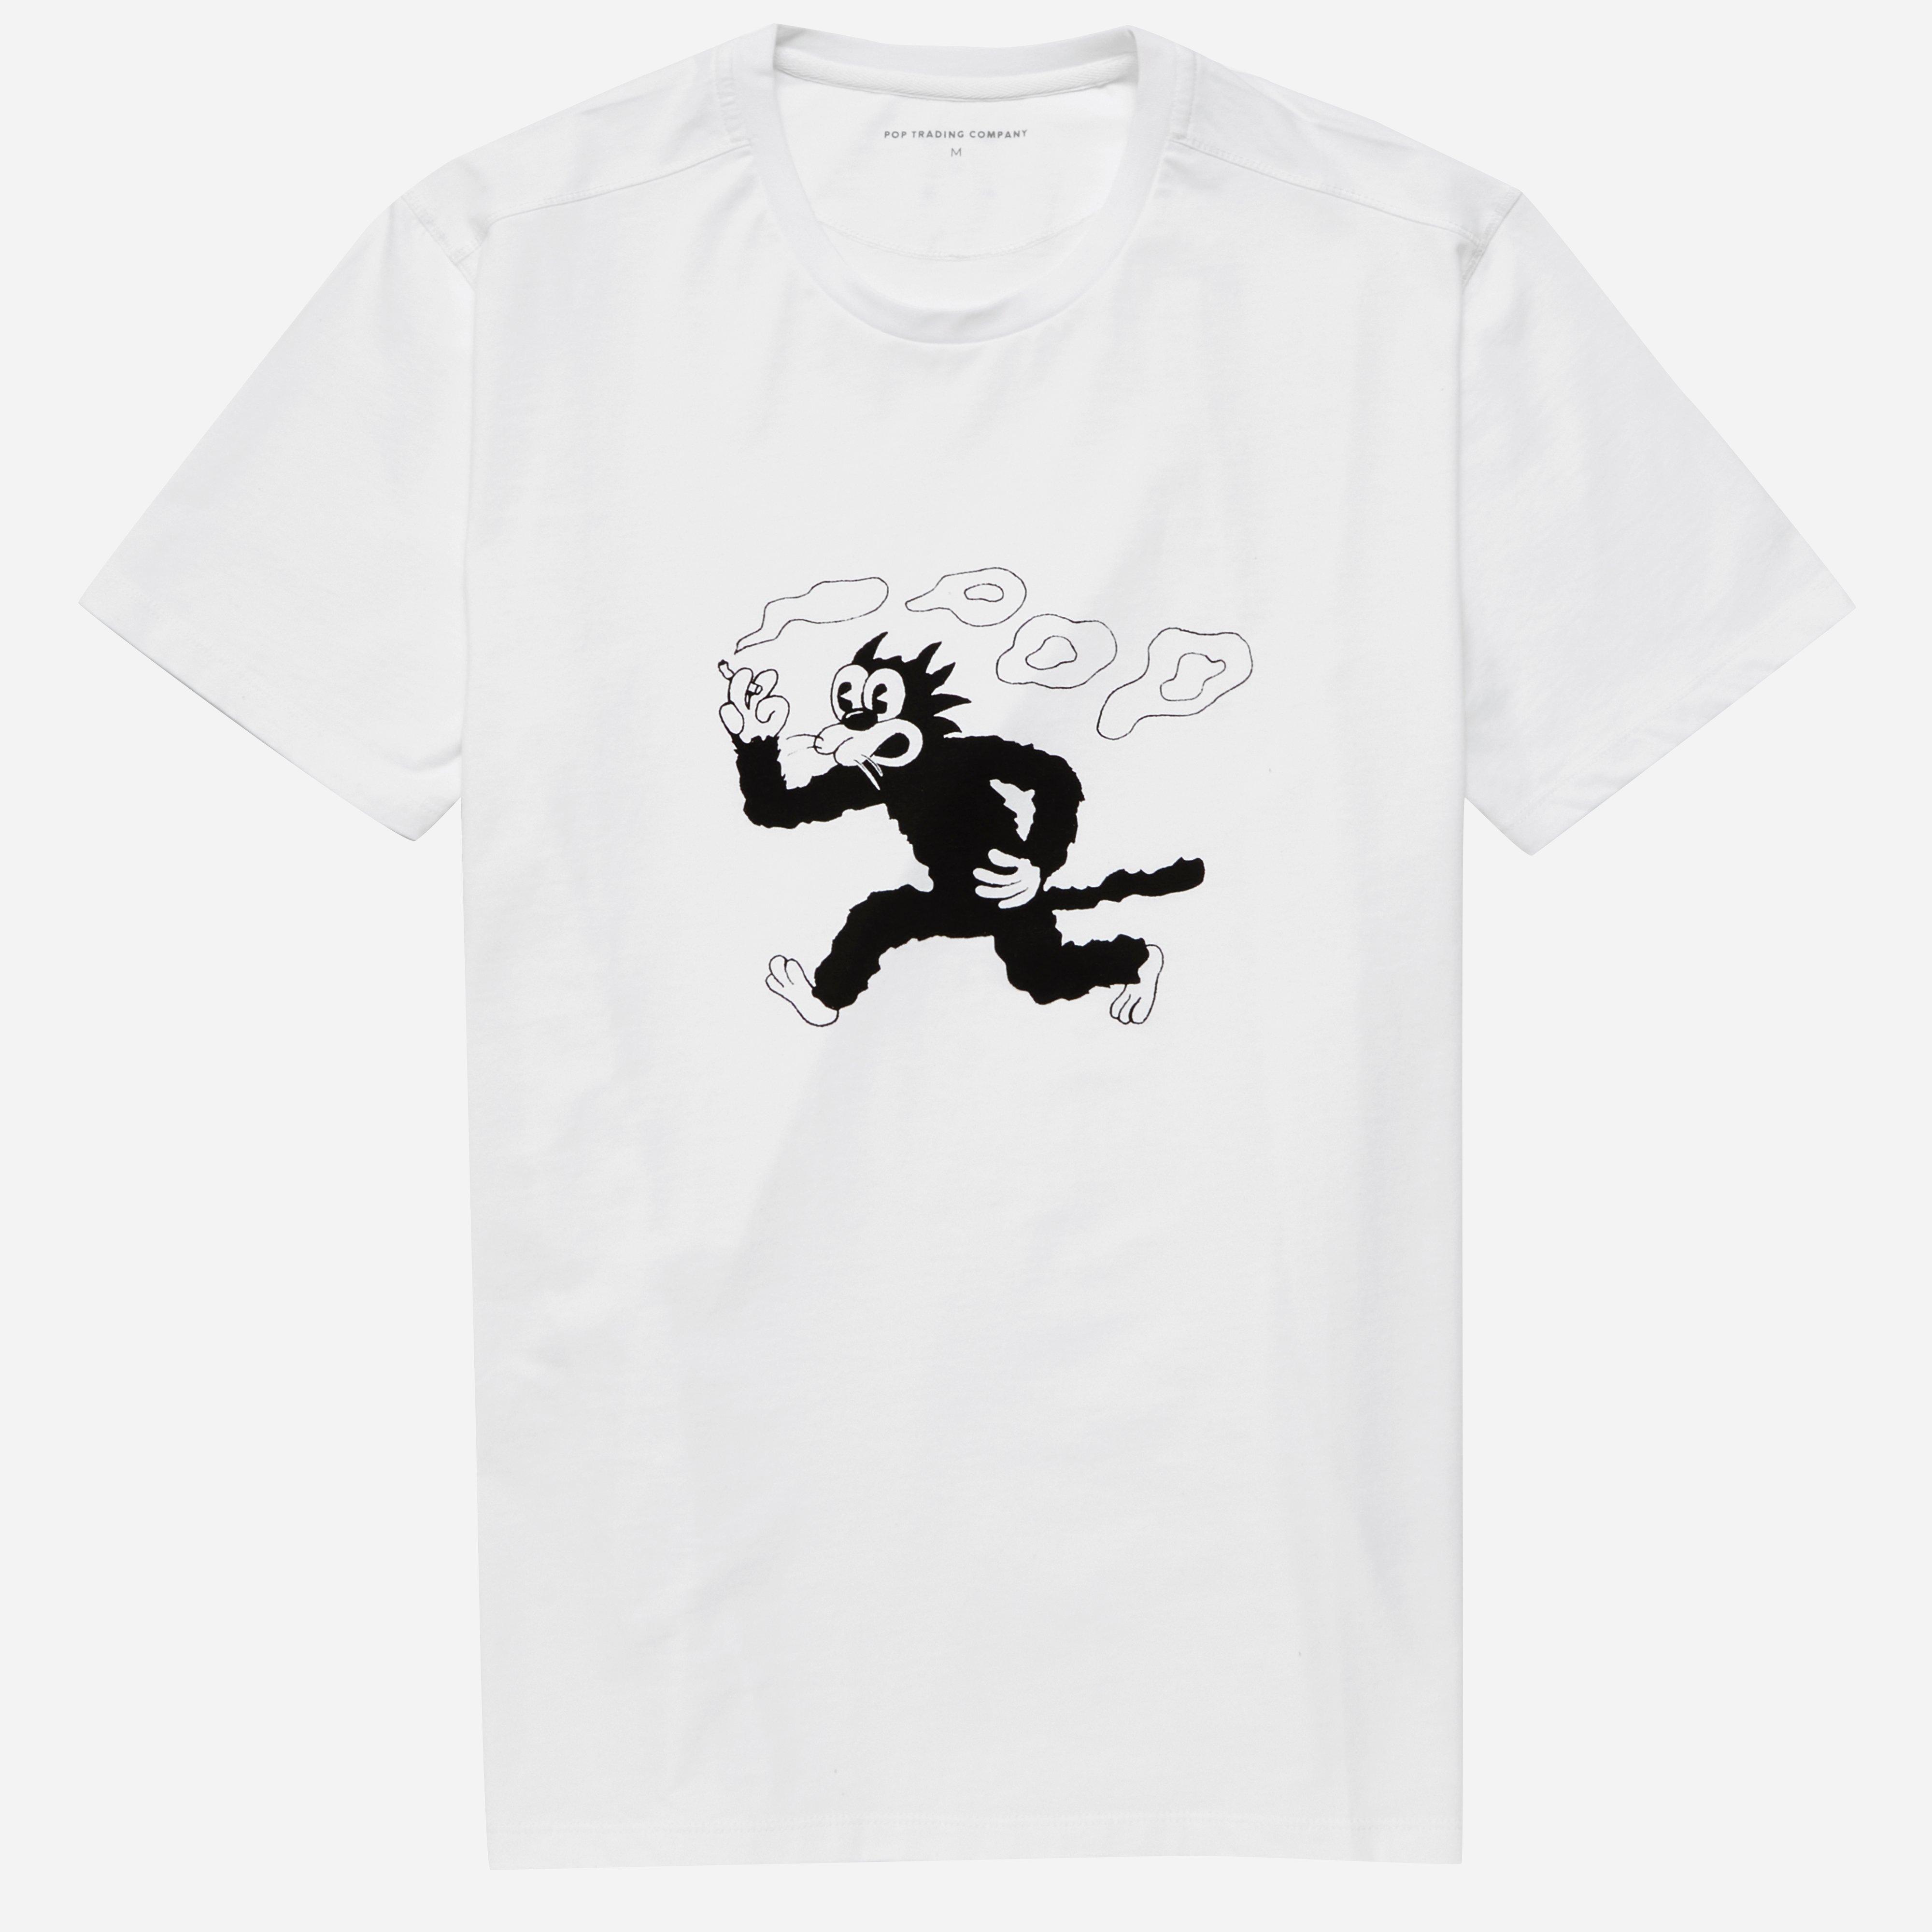 Pop Trading Company Malvin The Cat T-shirt